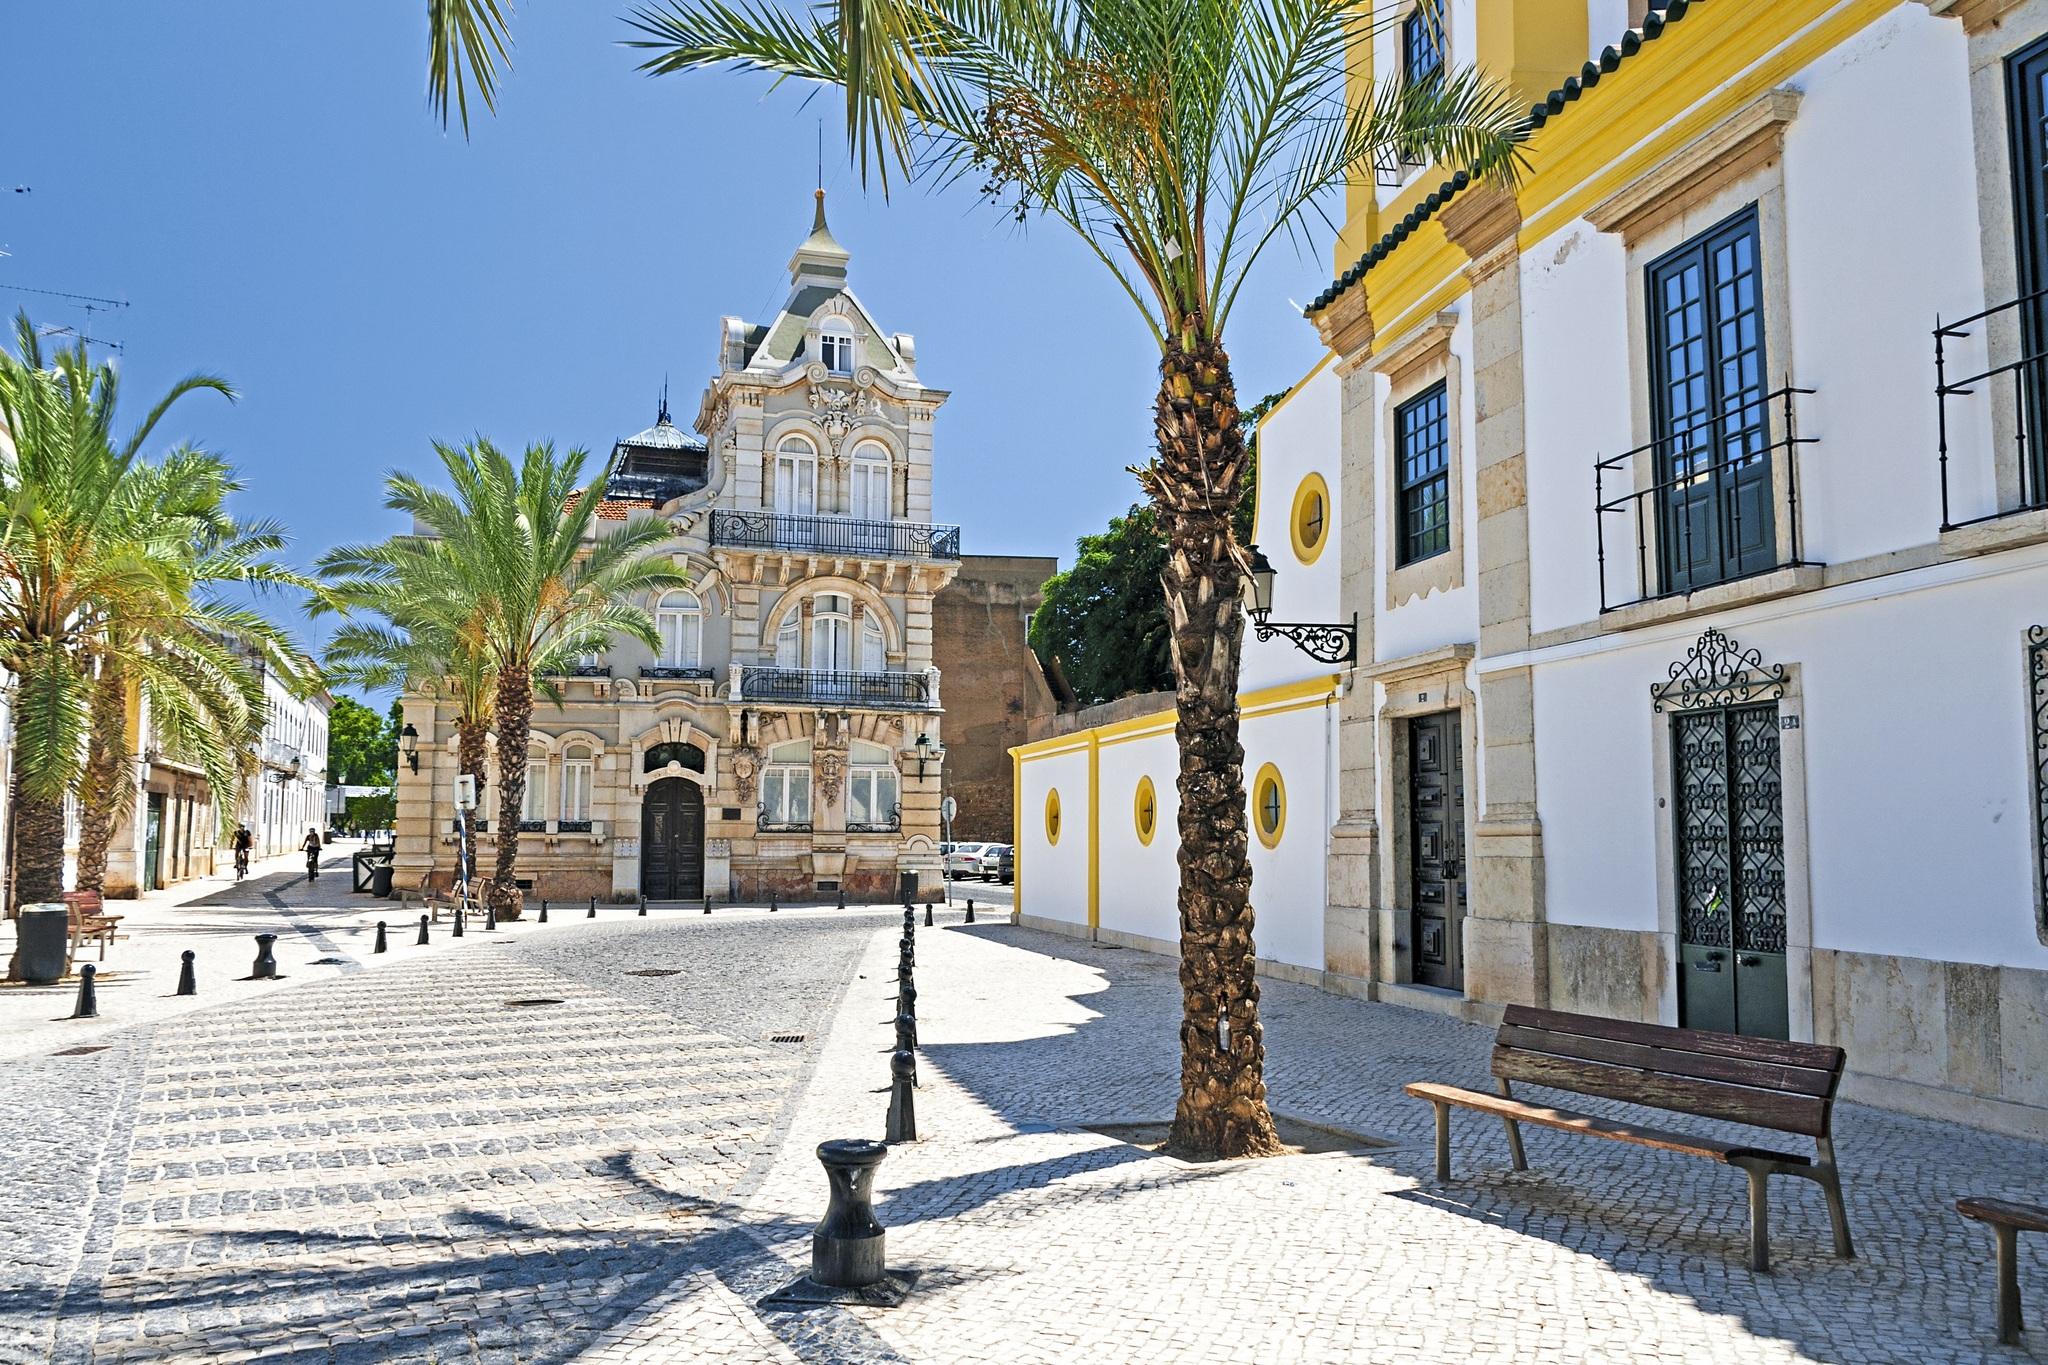 Portugal Algarve Faro Lagos Platz